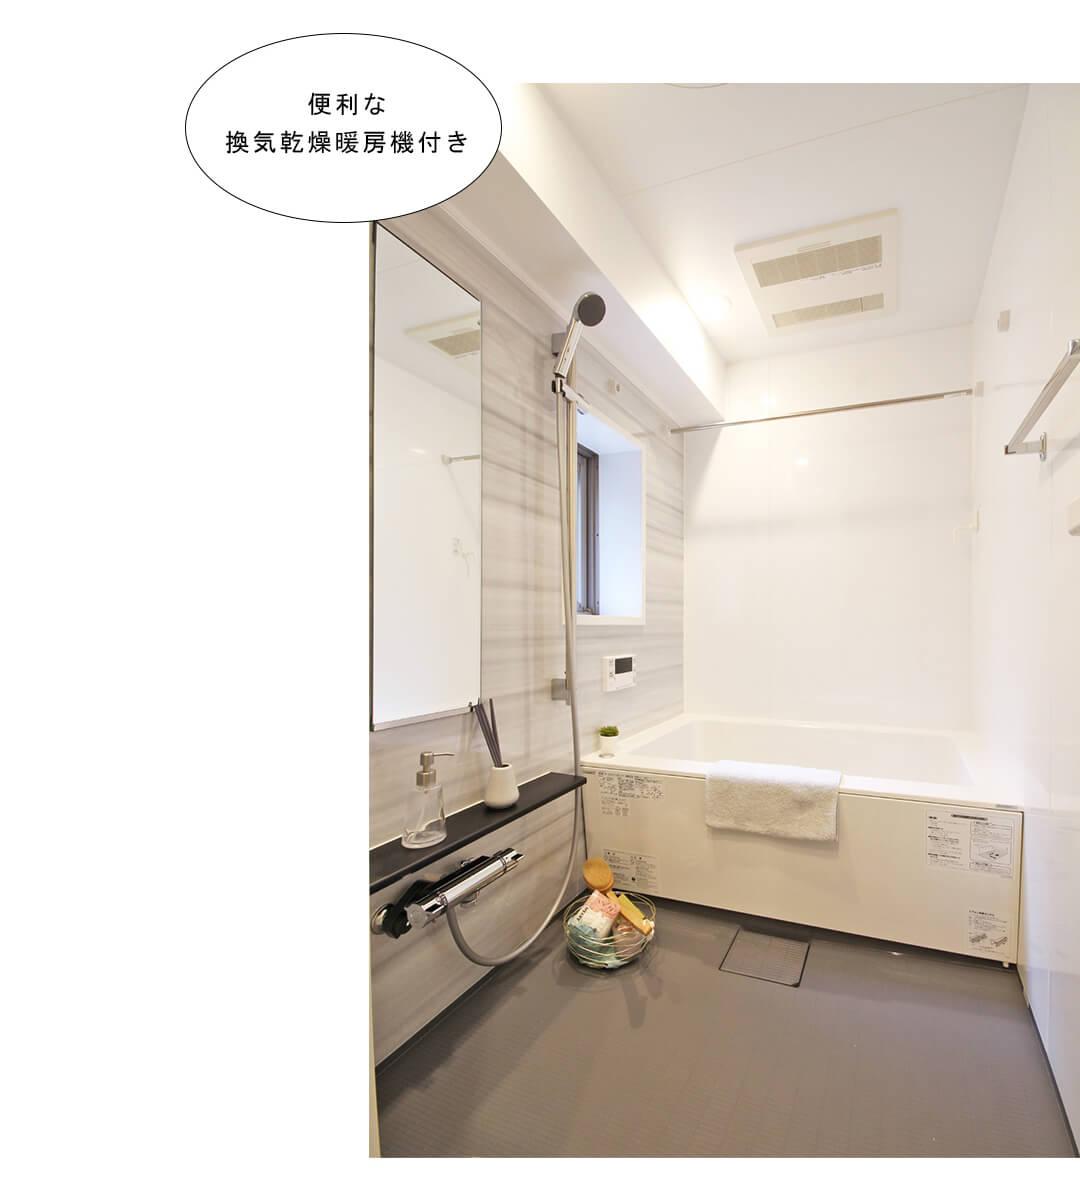 菱和パレス錦糸町 203号室の浴室